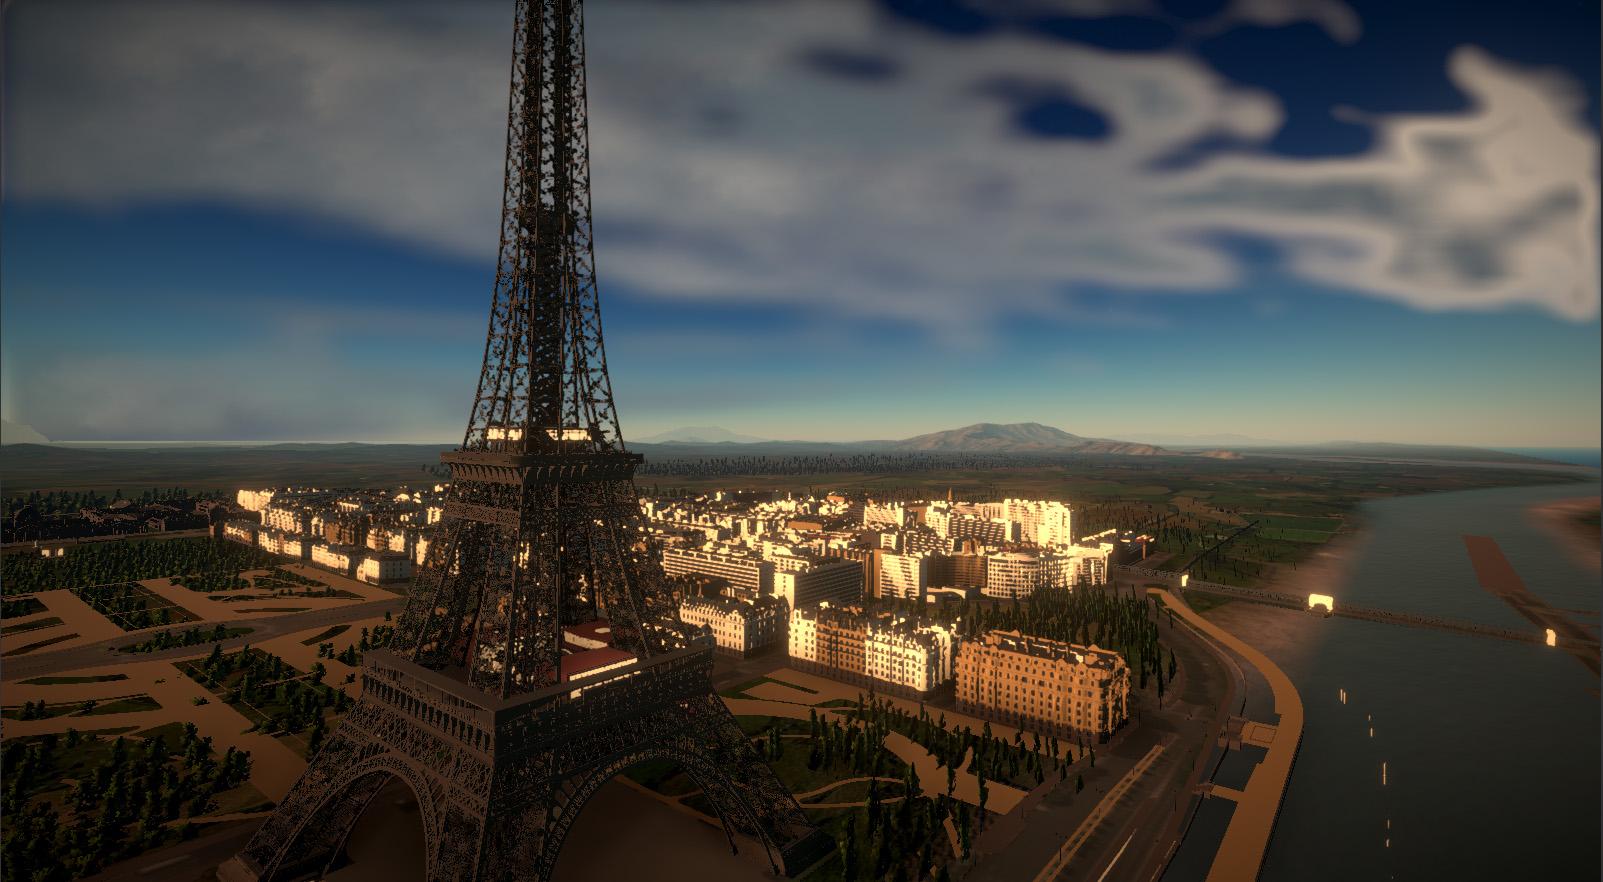 Zeppelin Vista Simulation